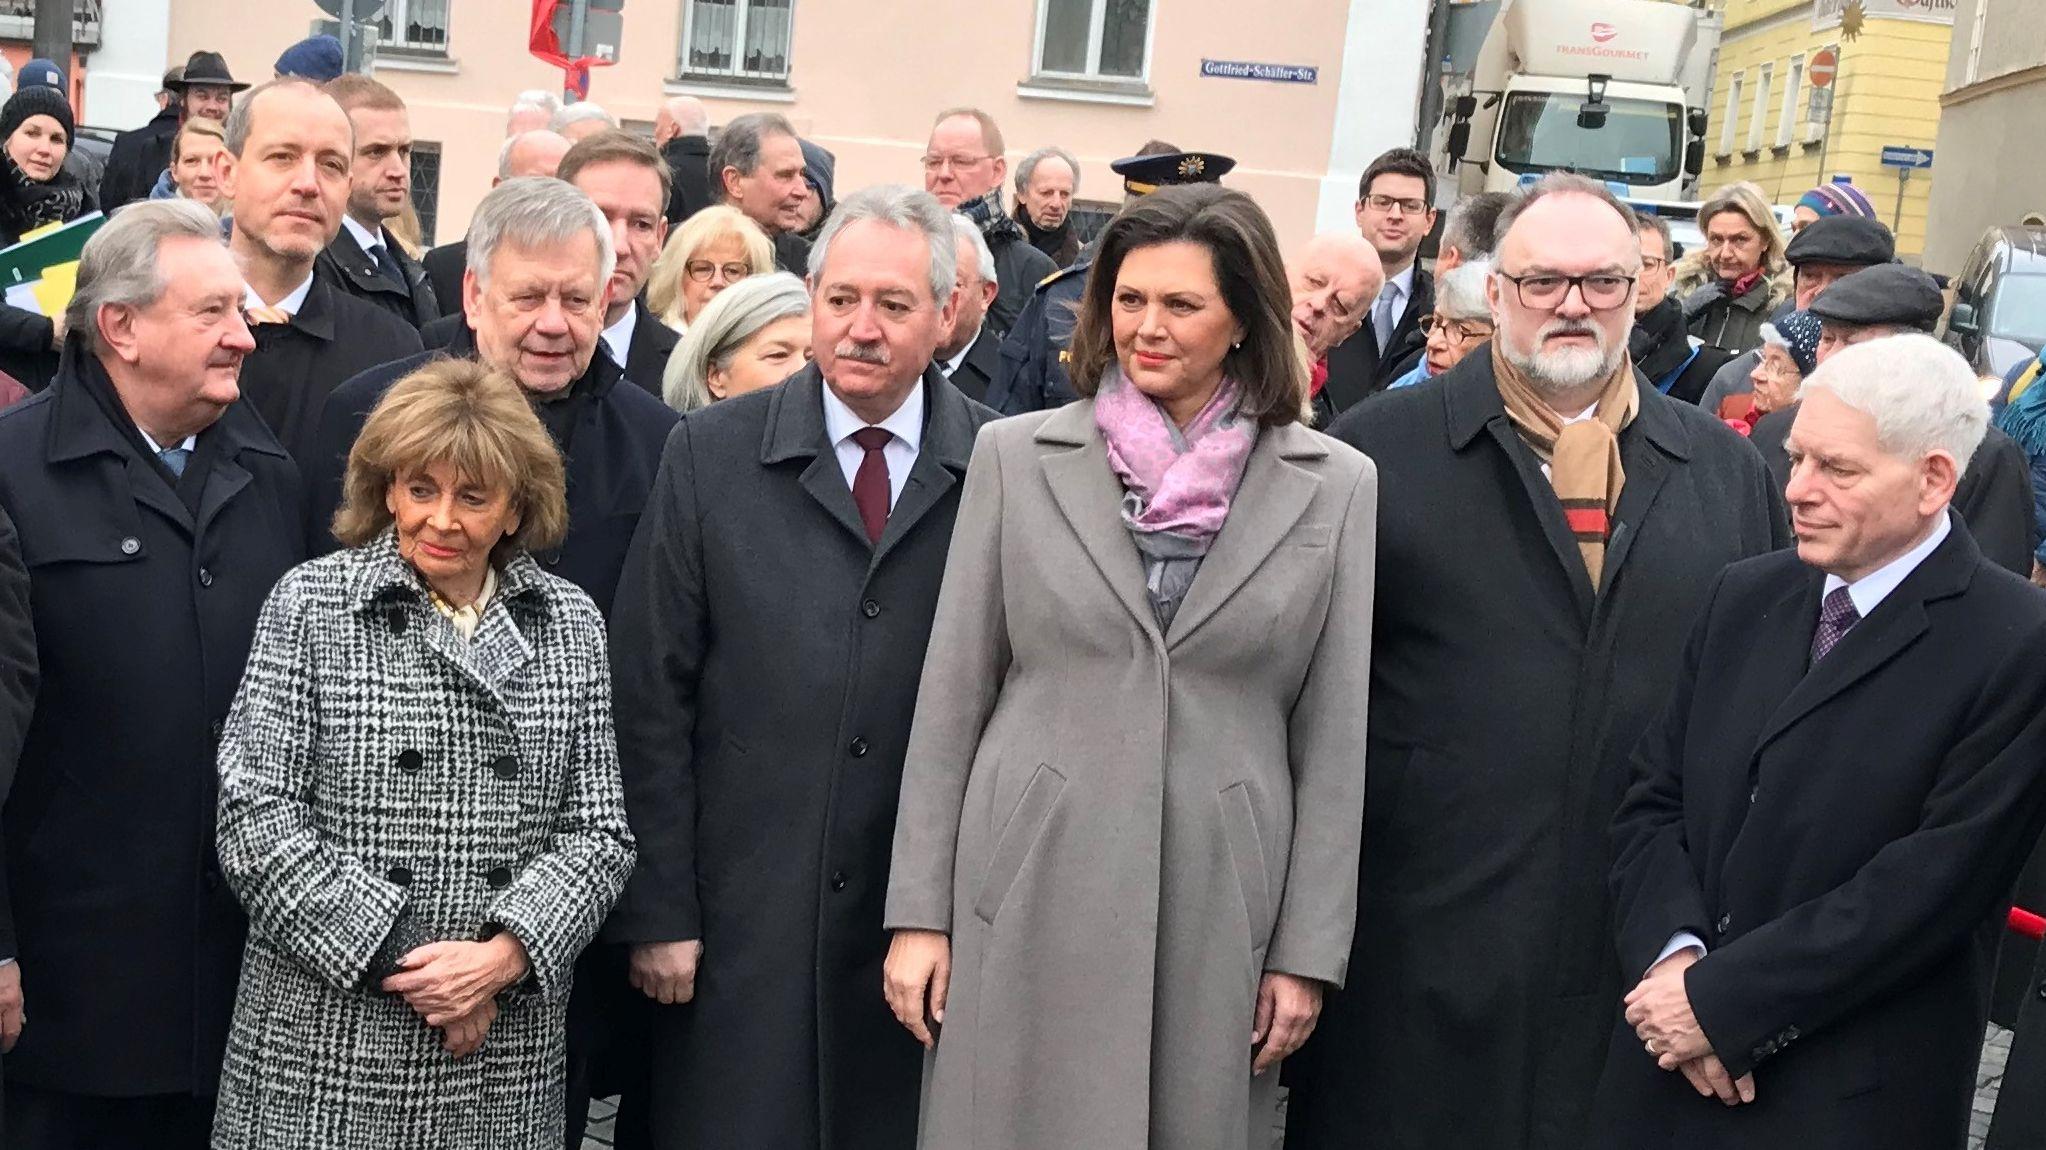 Vertreter aus Bayern, Tschechien und Österreich nehmen in Passau an der Gedenk-Veranstaltung Teil